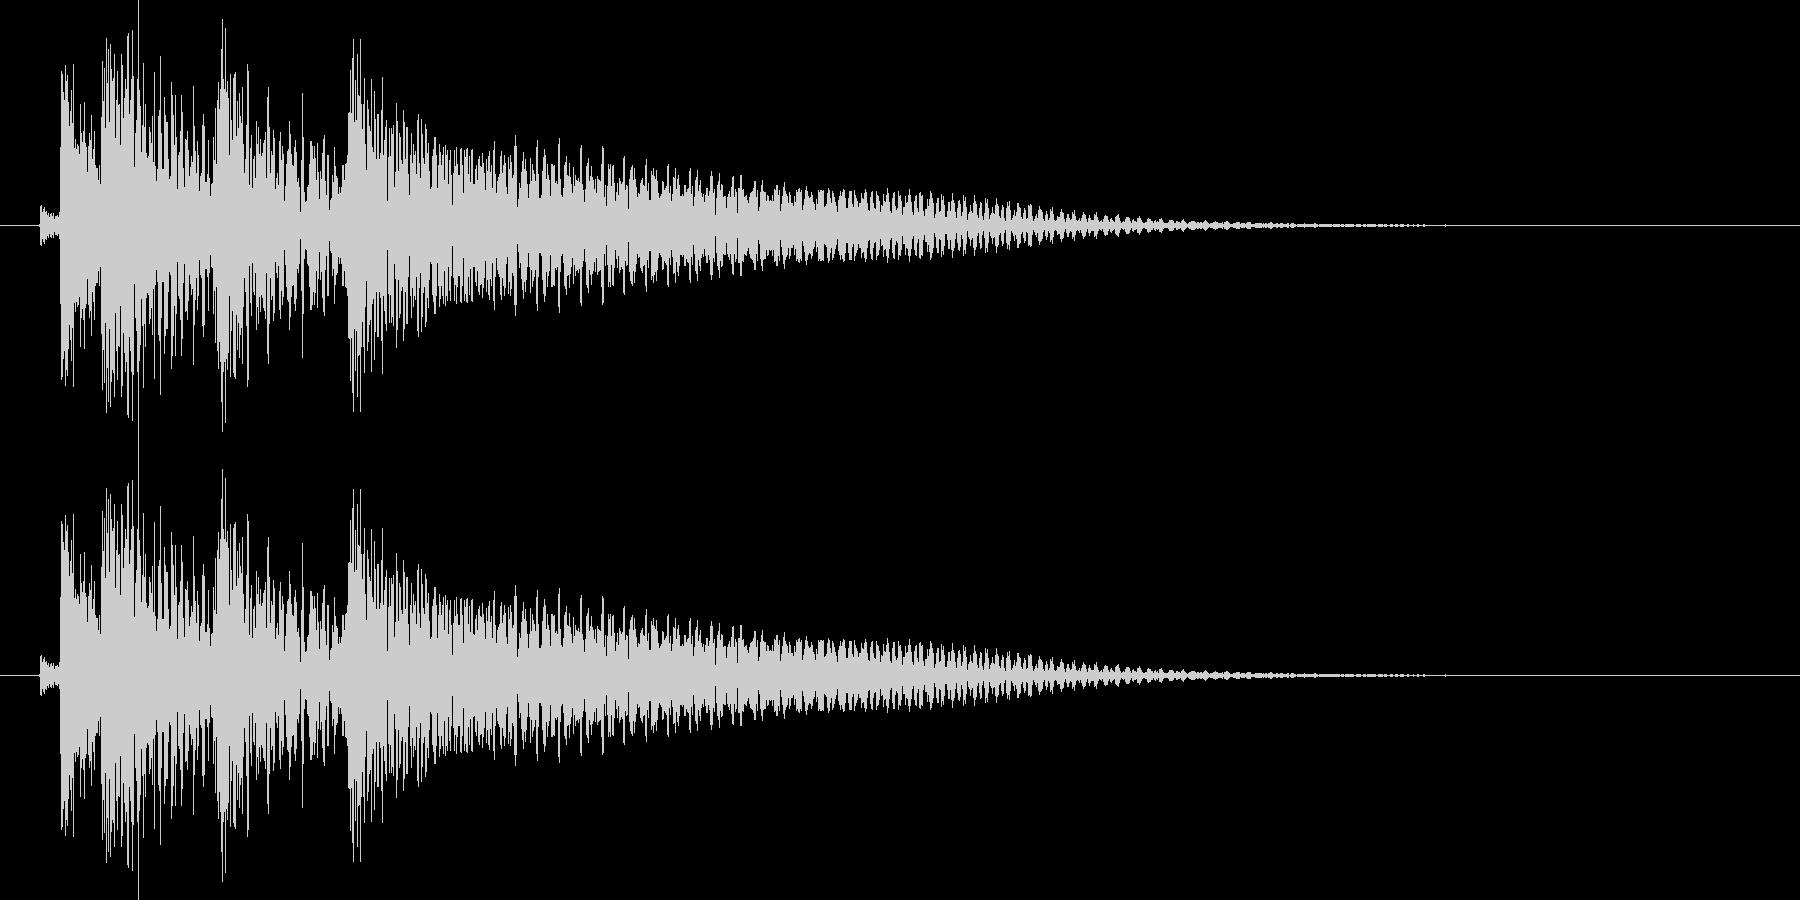 沖縄風エラー音1の未再生の波形